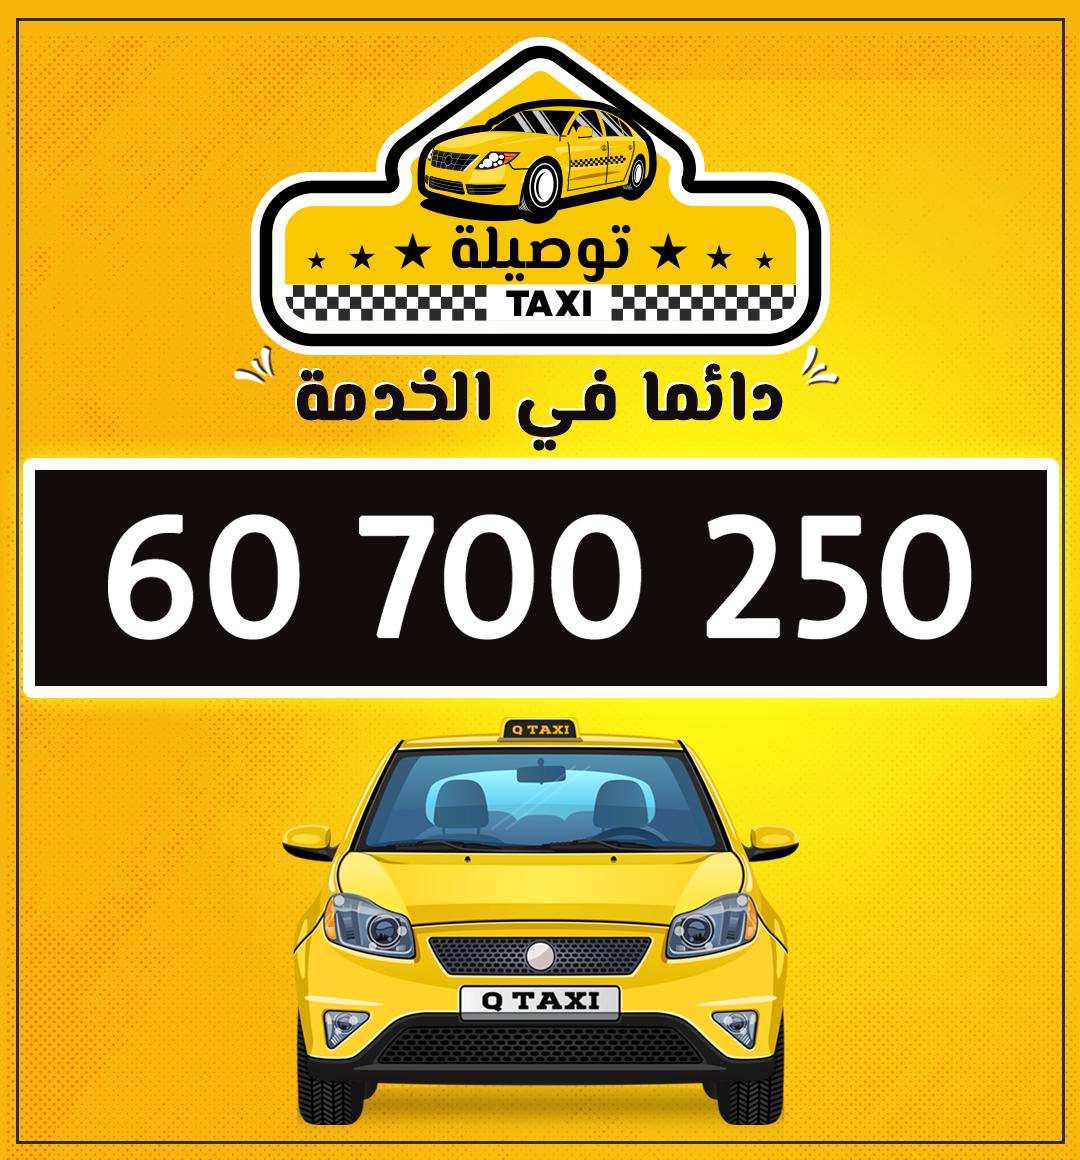 تاكسي توصيلة في شارع غسان